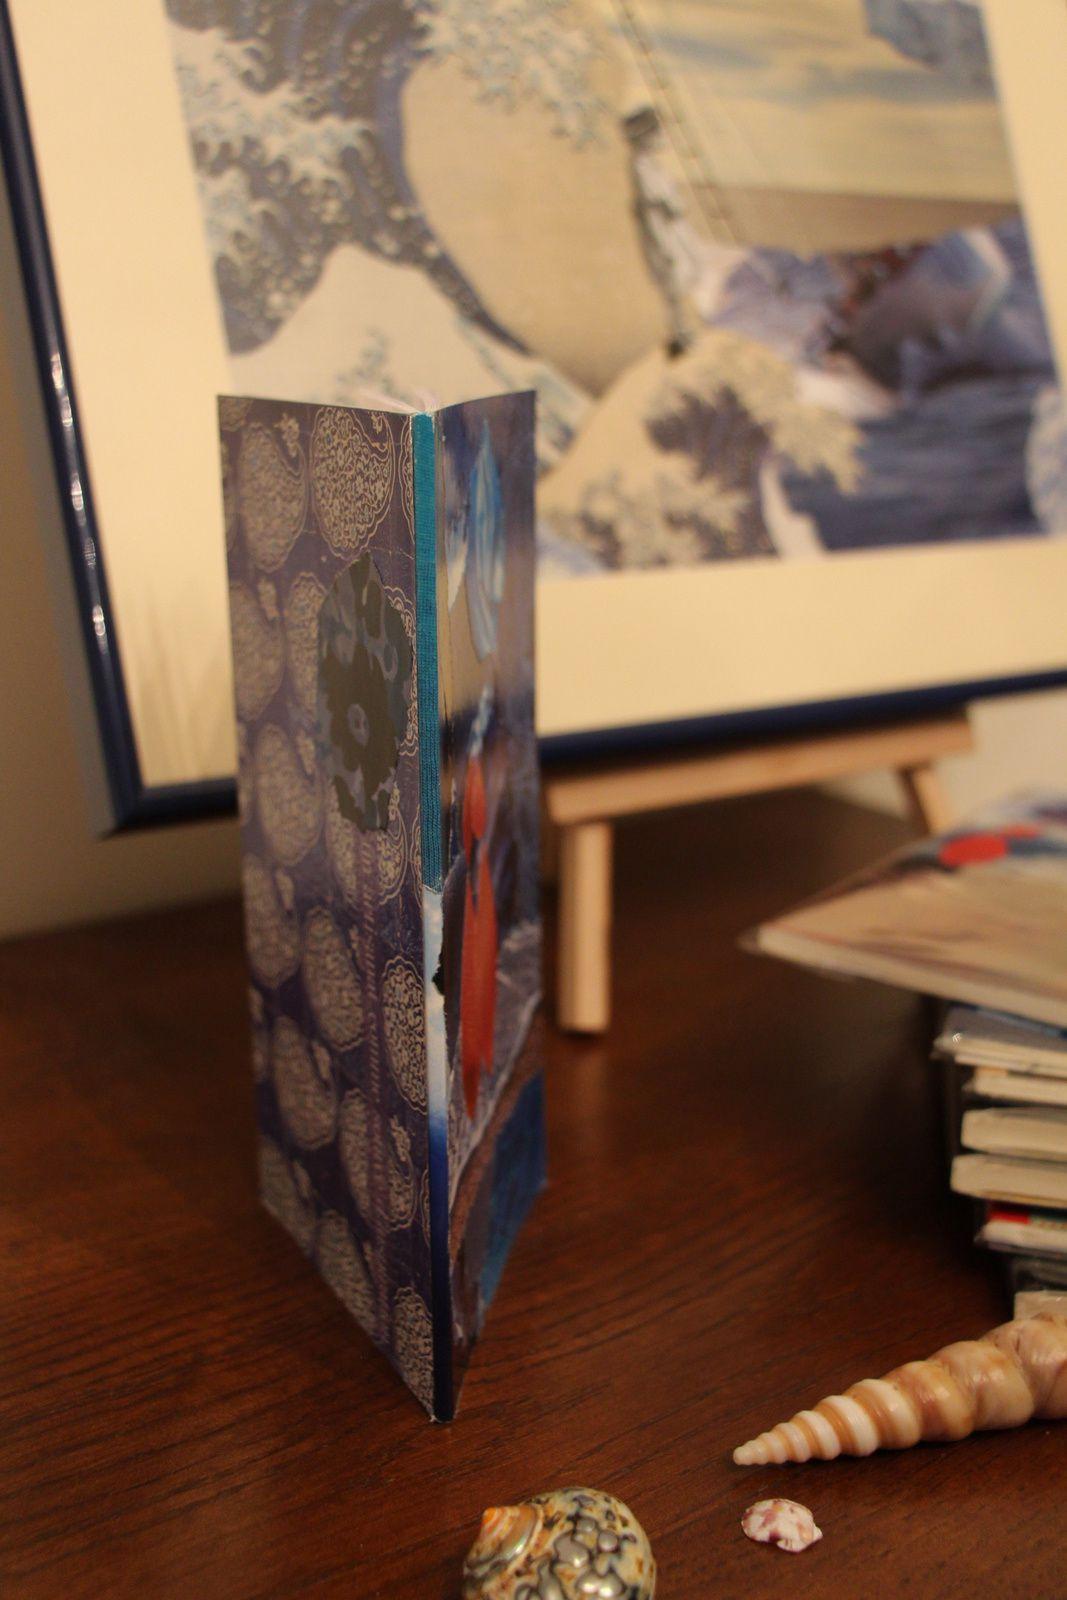 """Les Collages d'eMmA MessanA, carnet """"C'est écrit"""", pièce unique © eMmA MessanA"""